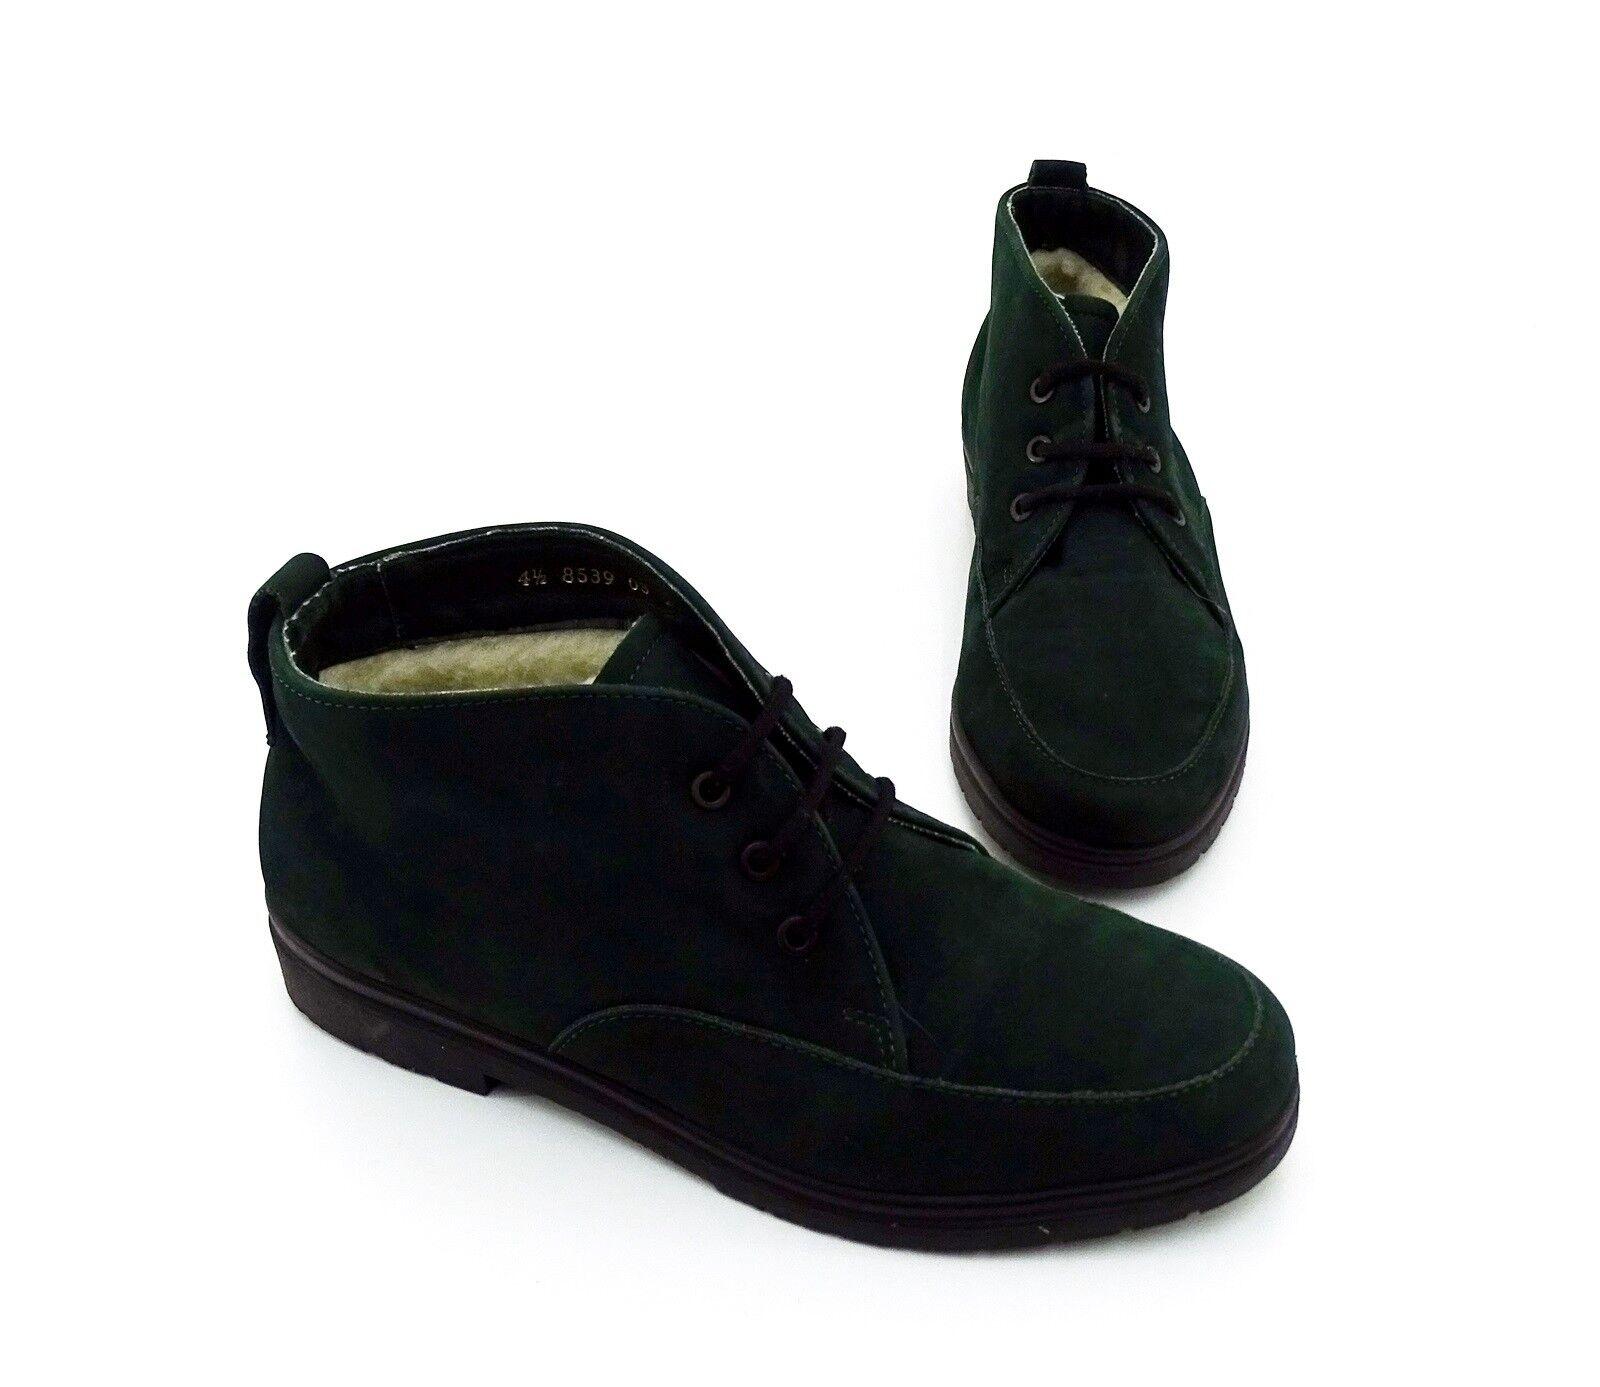 Chaussures basses Rohde Bottines Fermeture À Lacets Véritable Cuir Vert Taille 4,5 = 37,5